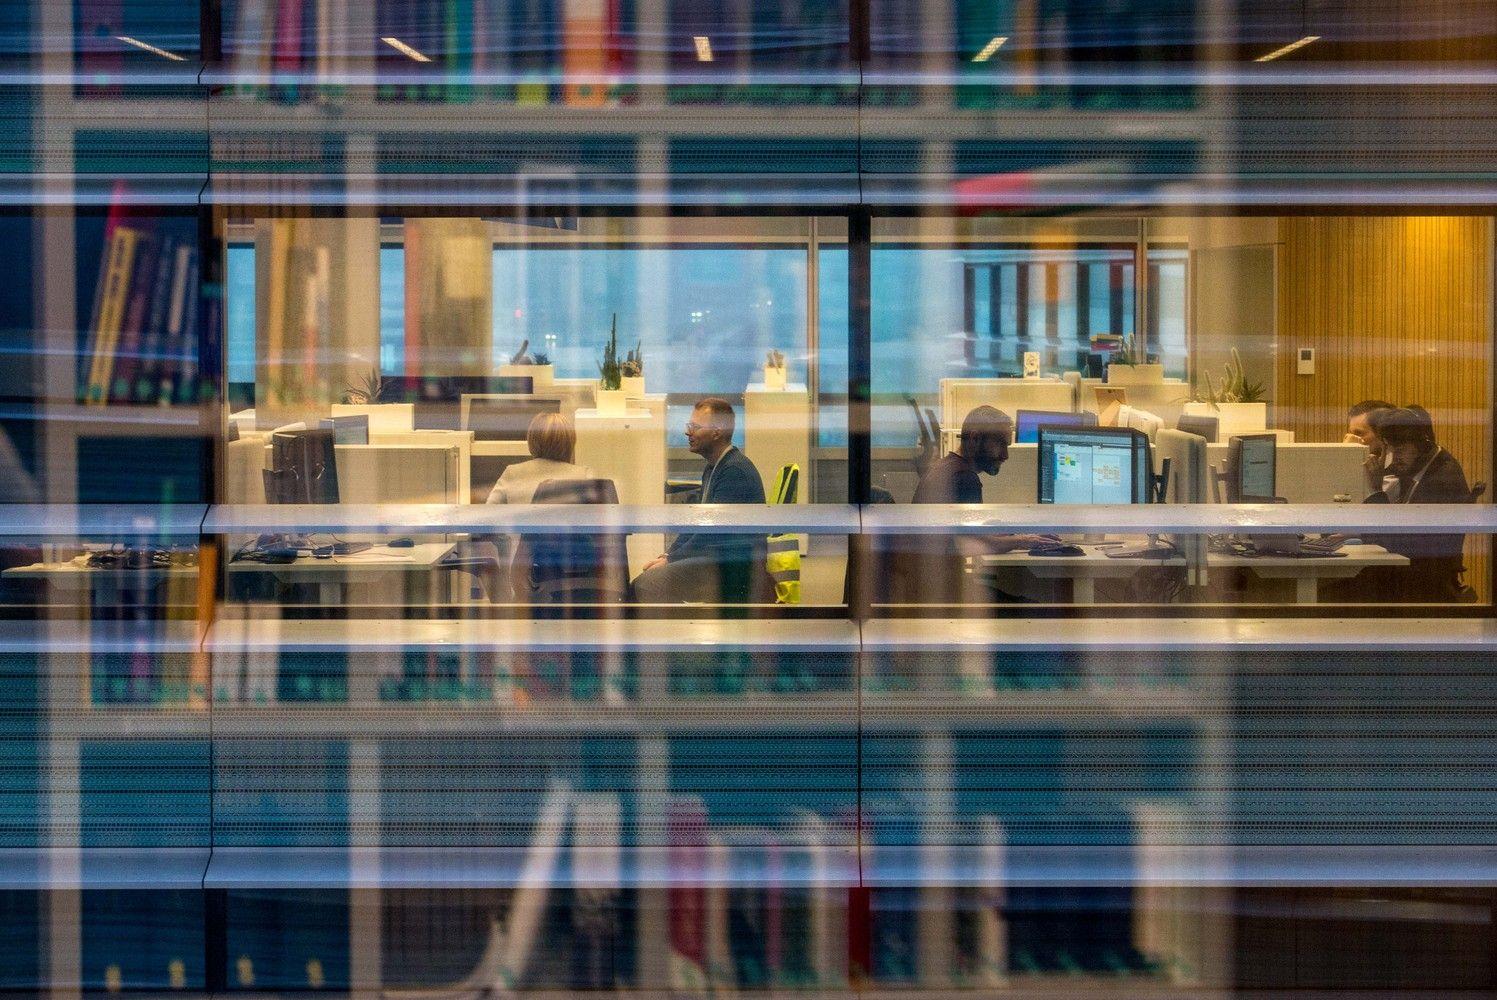 Biurų įrengimas: atsisako nuolatinių darbo vietų, kuria socialines erdves